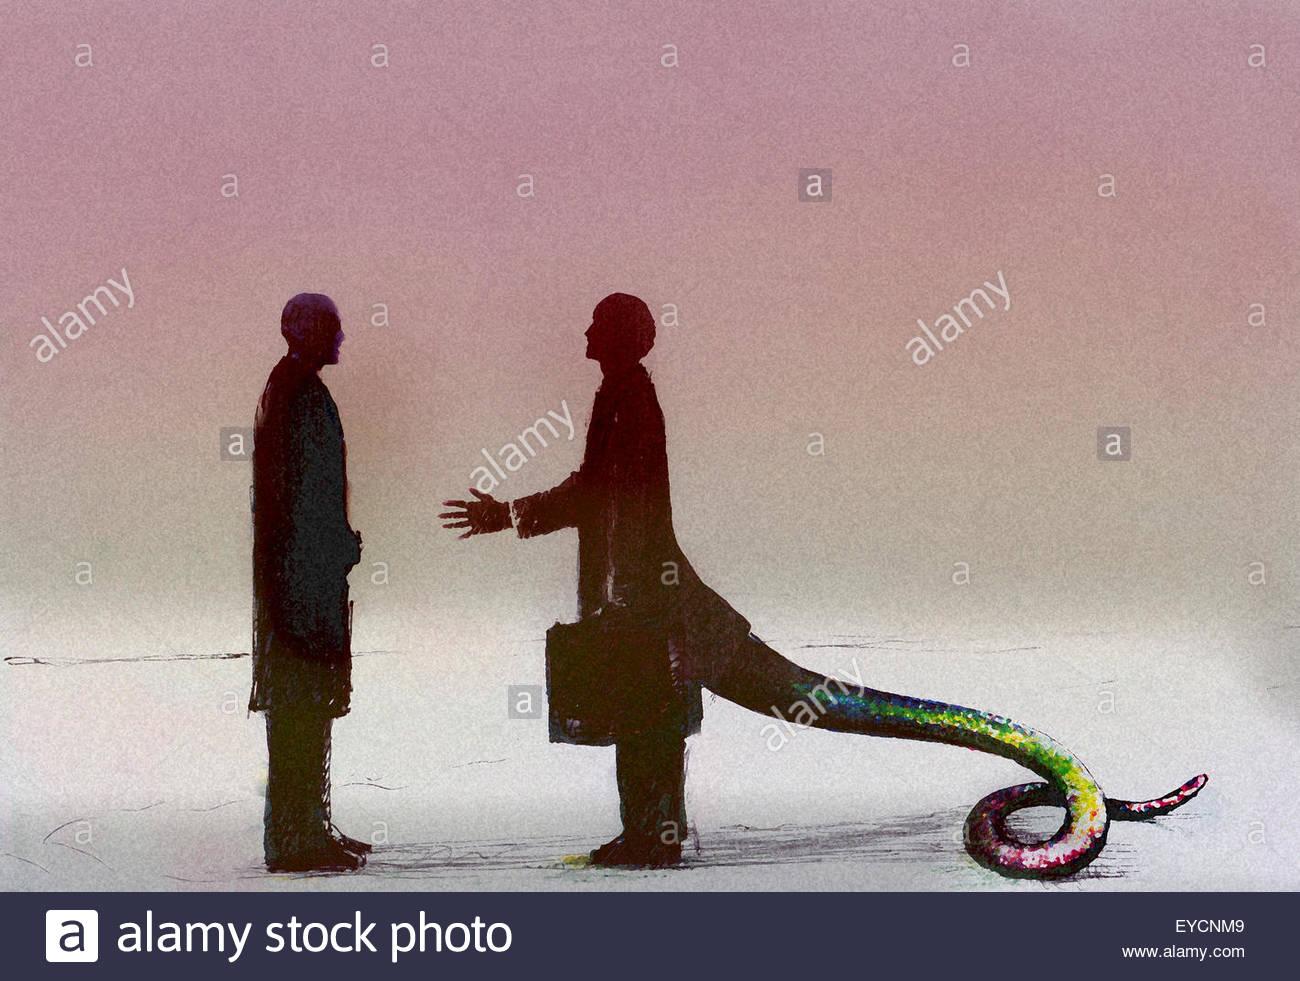 Empresario con cola de serpiente saludo compañero Imagen De Stock